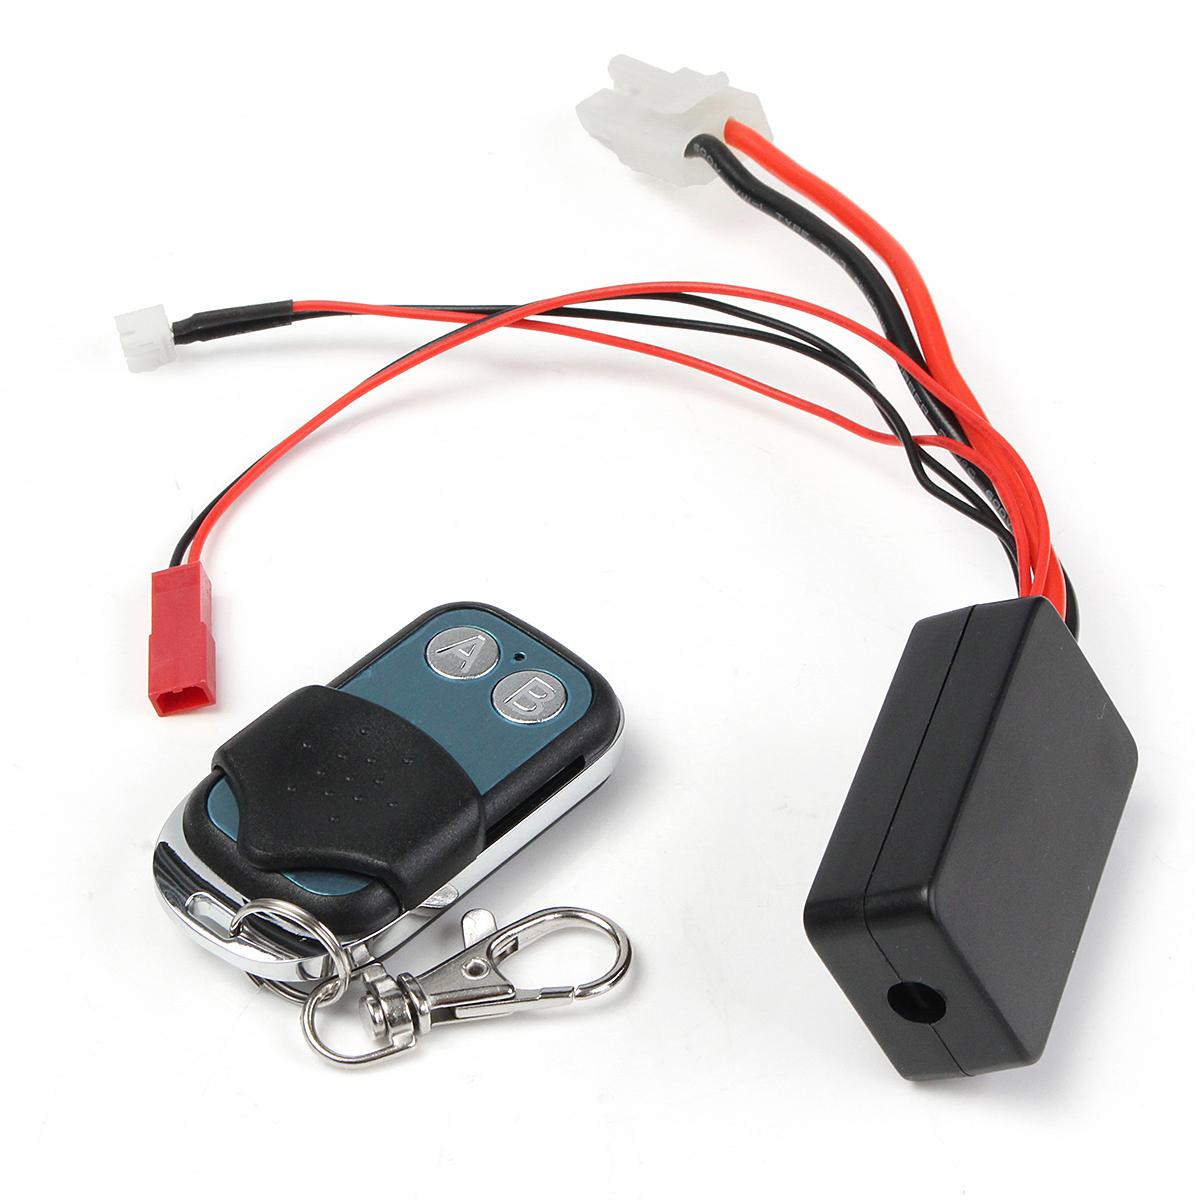 Drahtloser Winde-Steuerpult für RC Auto-Raupen-Teil Fernsteuerungs-Auto-Zusätze